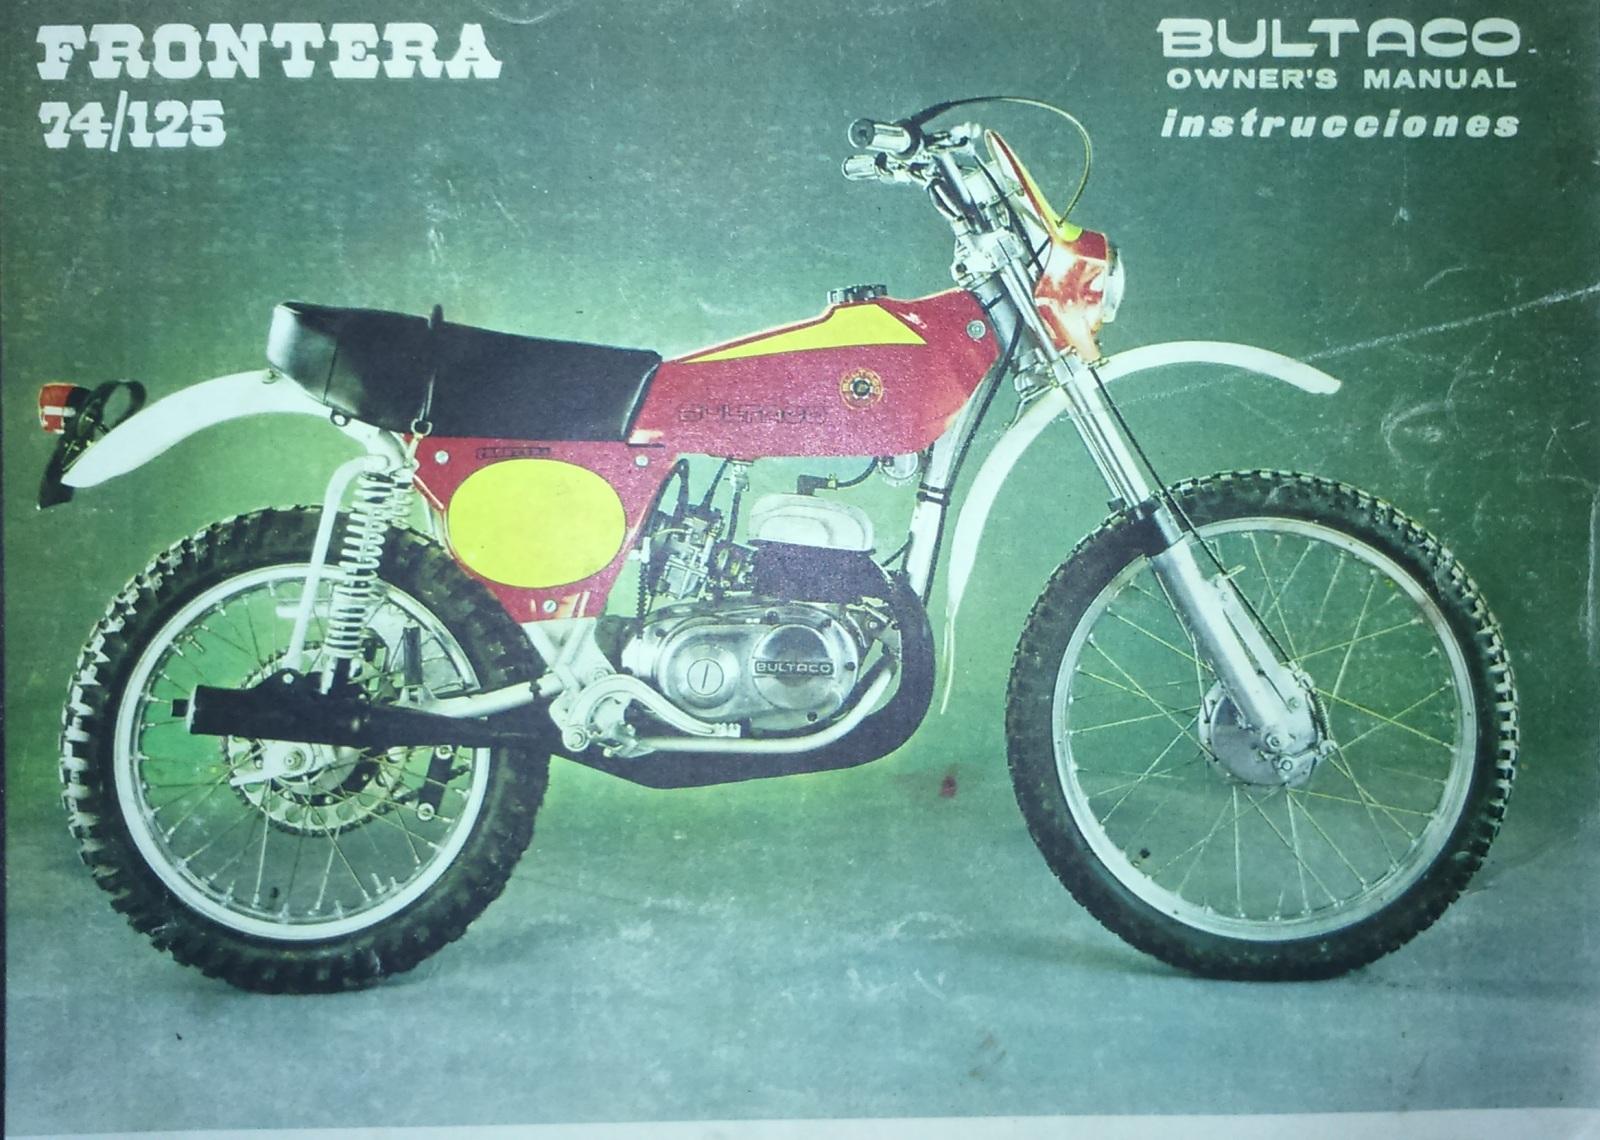 Os presento mi Bultaco Frontera 74 1yvcqe